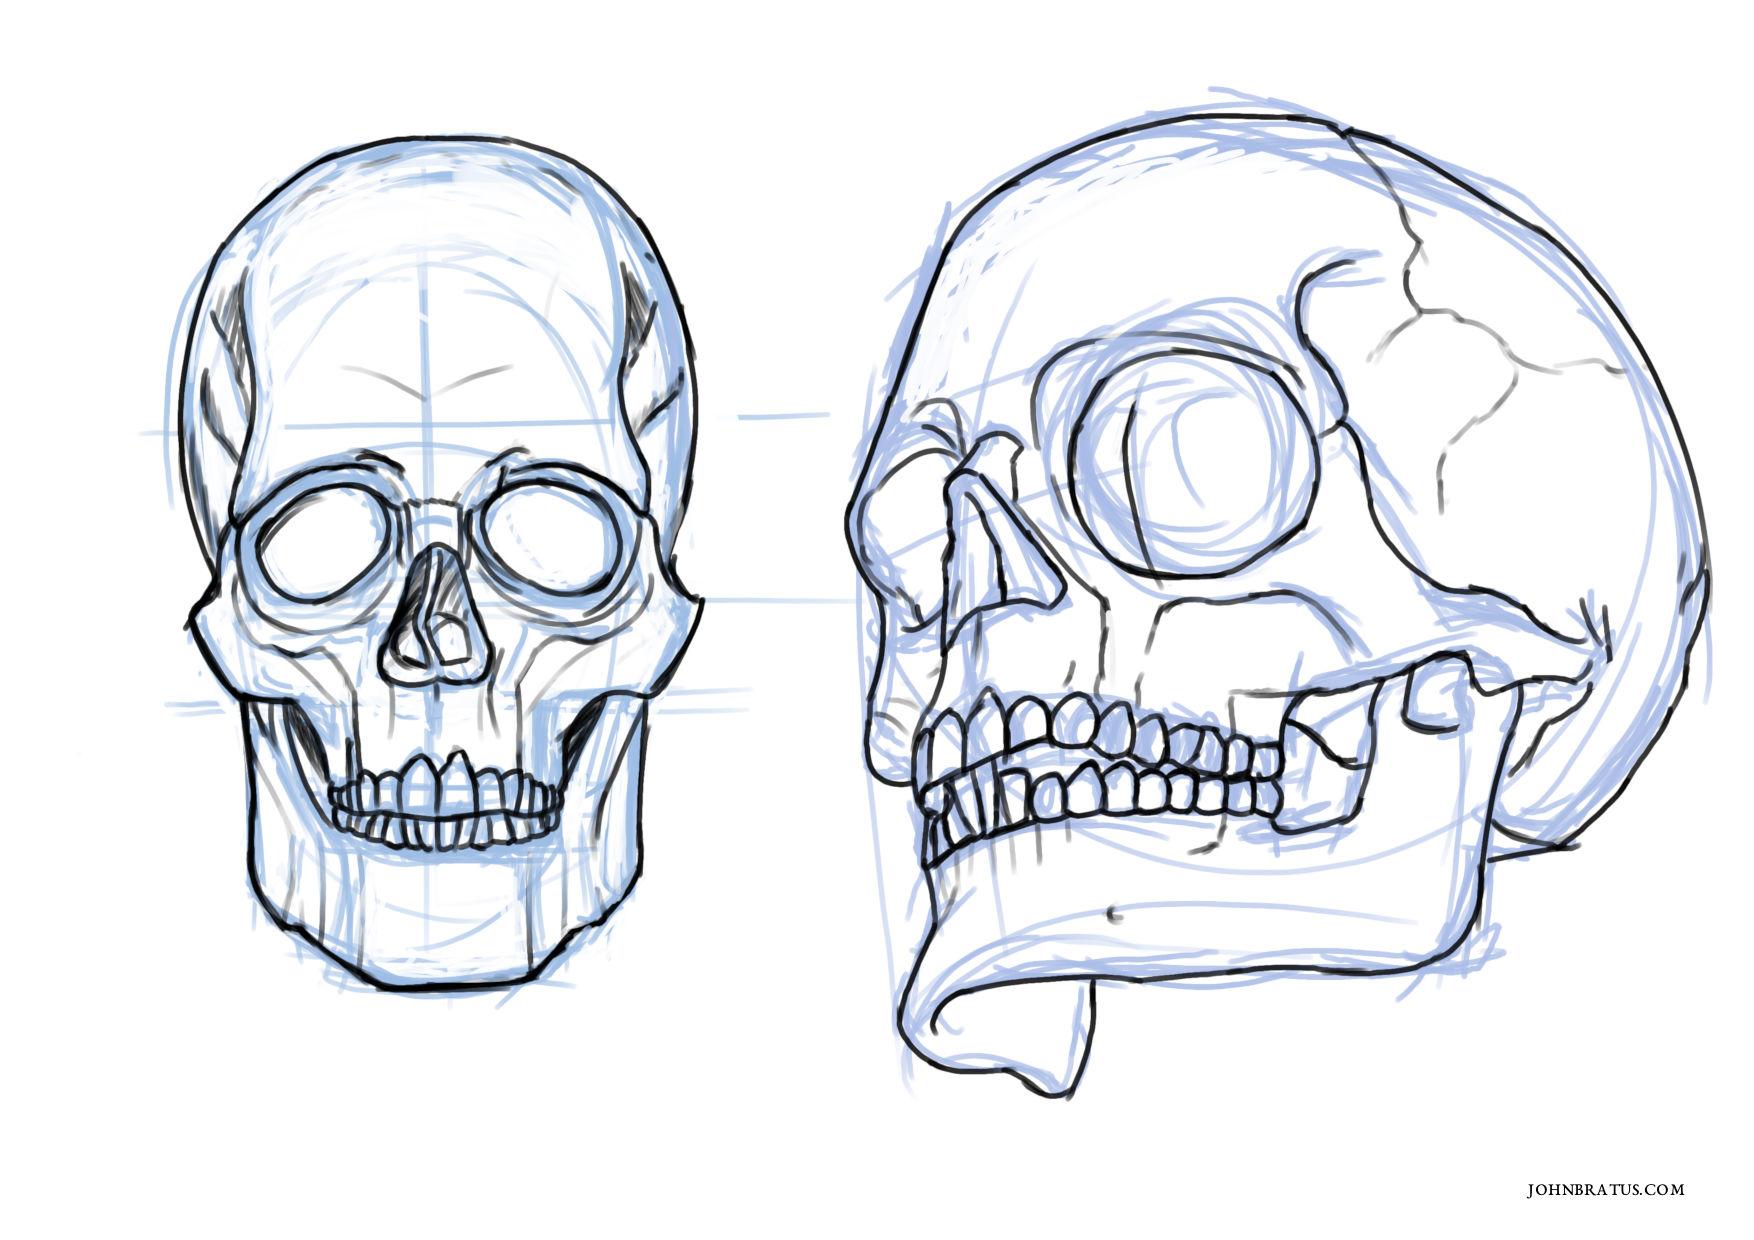 Digital sketch of a human skull